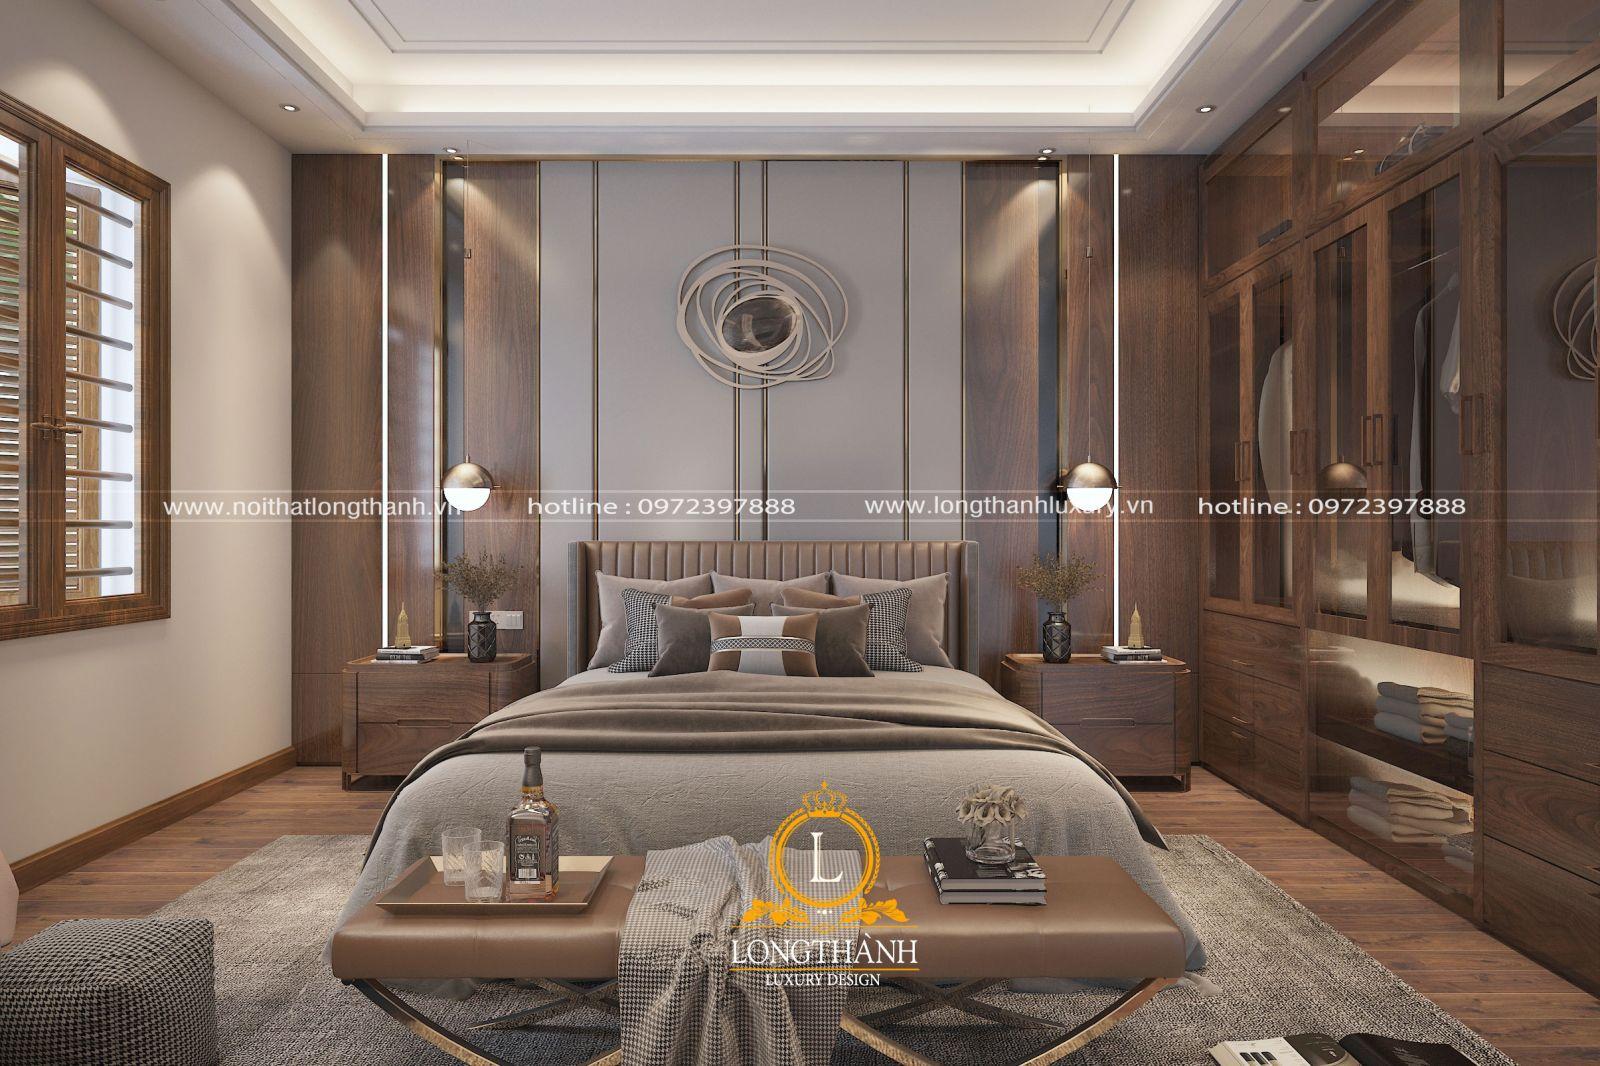 Phòng ngủ hiện đại được thiết kế sang trọng và tiện nghi